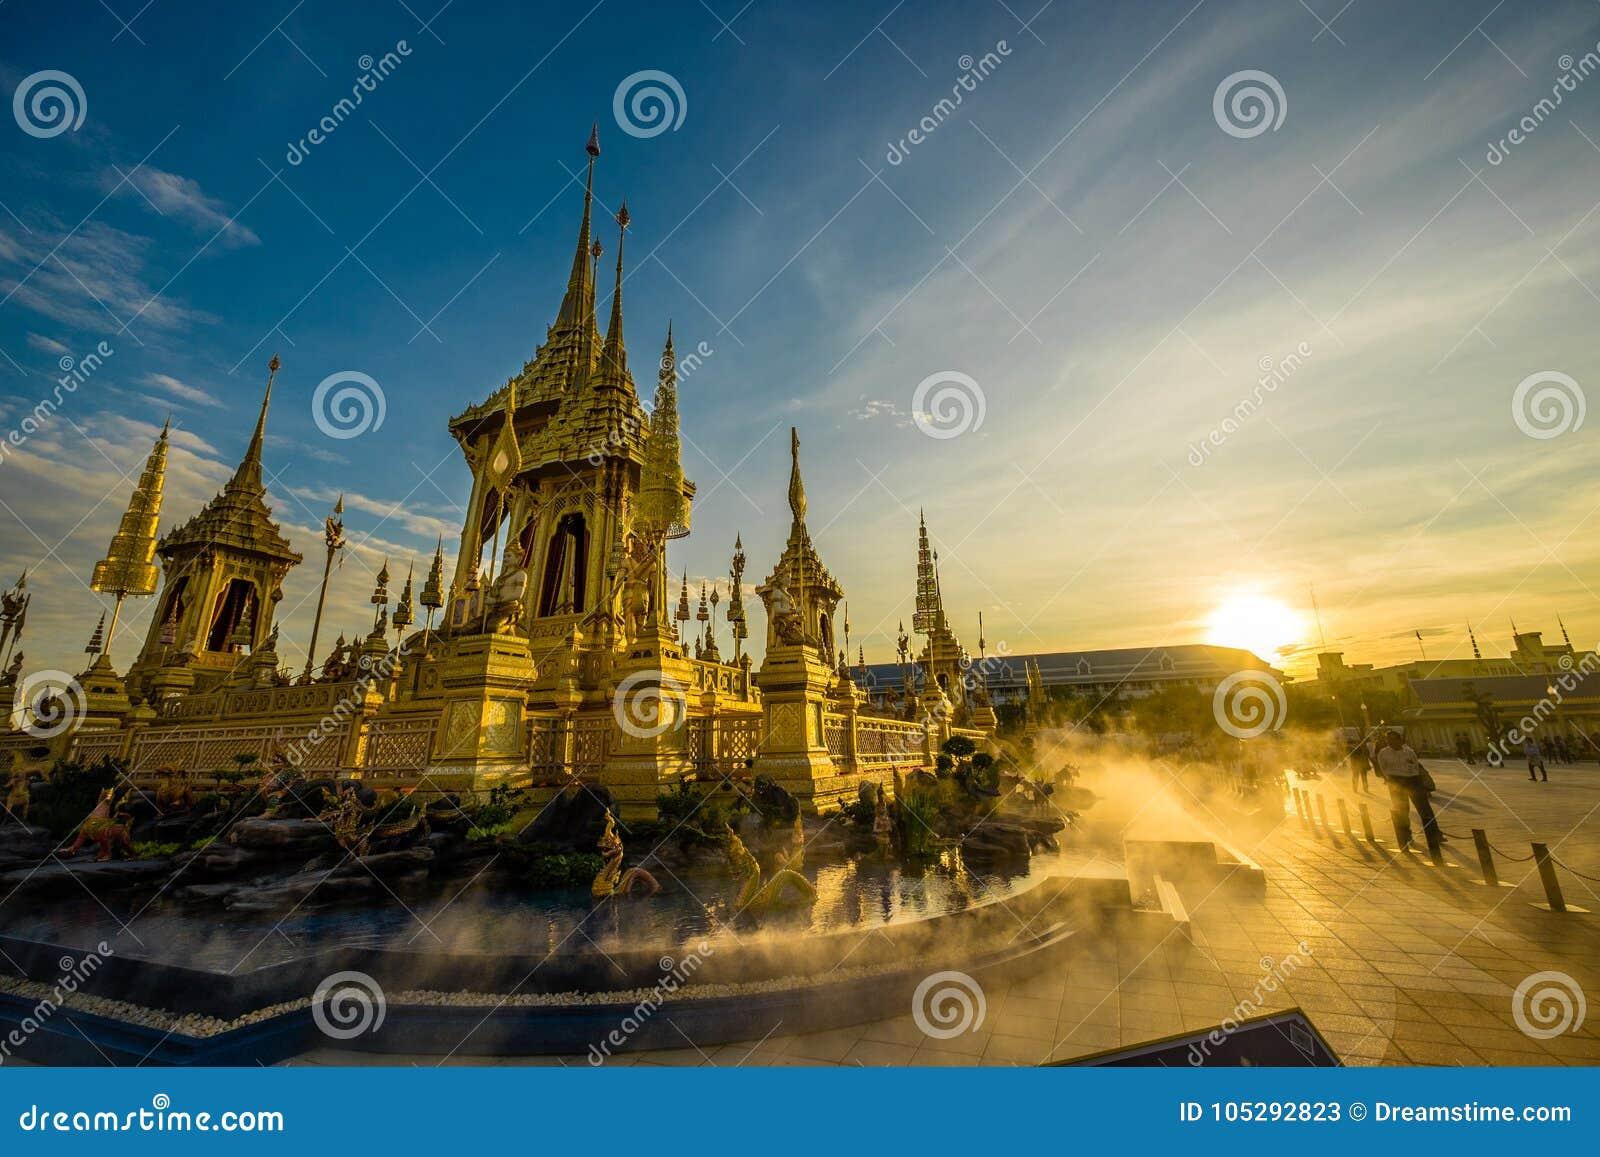 Βασιλικό κρεματόριο του βασιλιά Rama ΙΧ στην Ταϊλάνδη